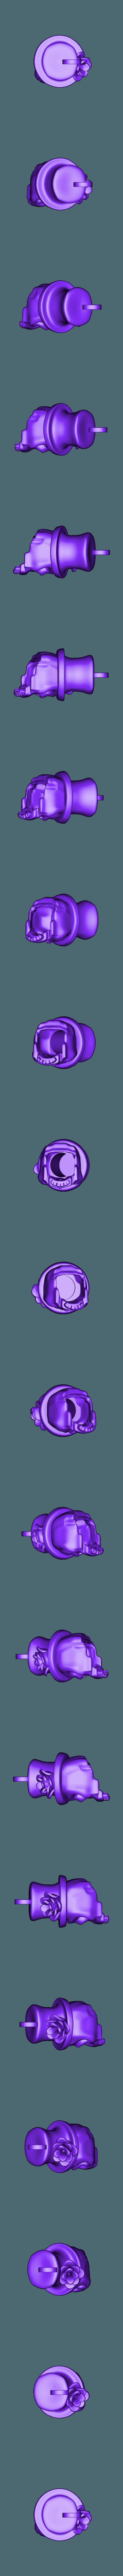 gnr.stl Download free STL file skull pendant • 3D printable template, Janusz